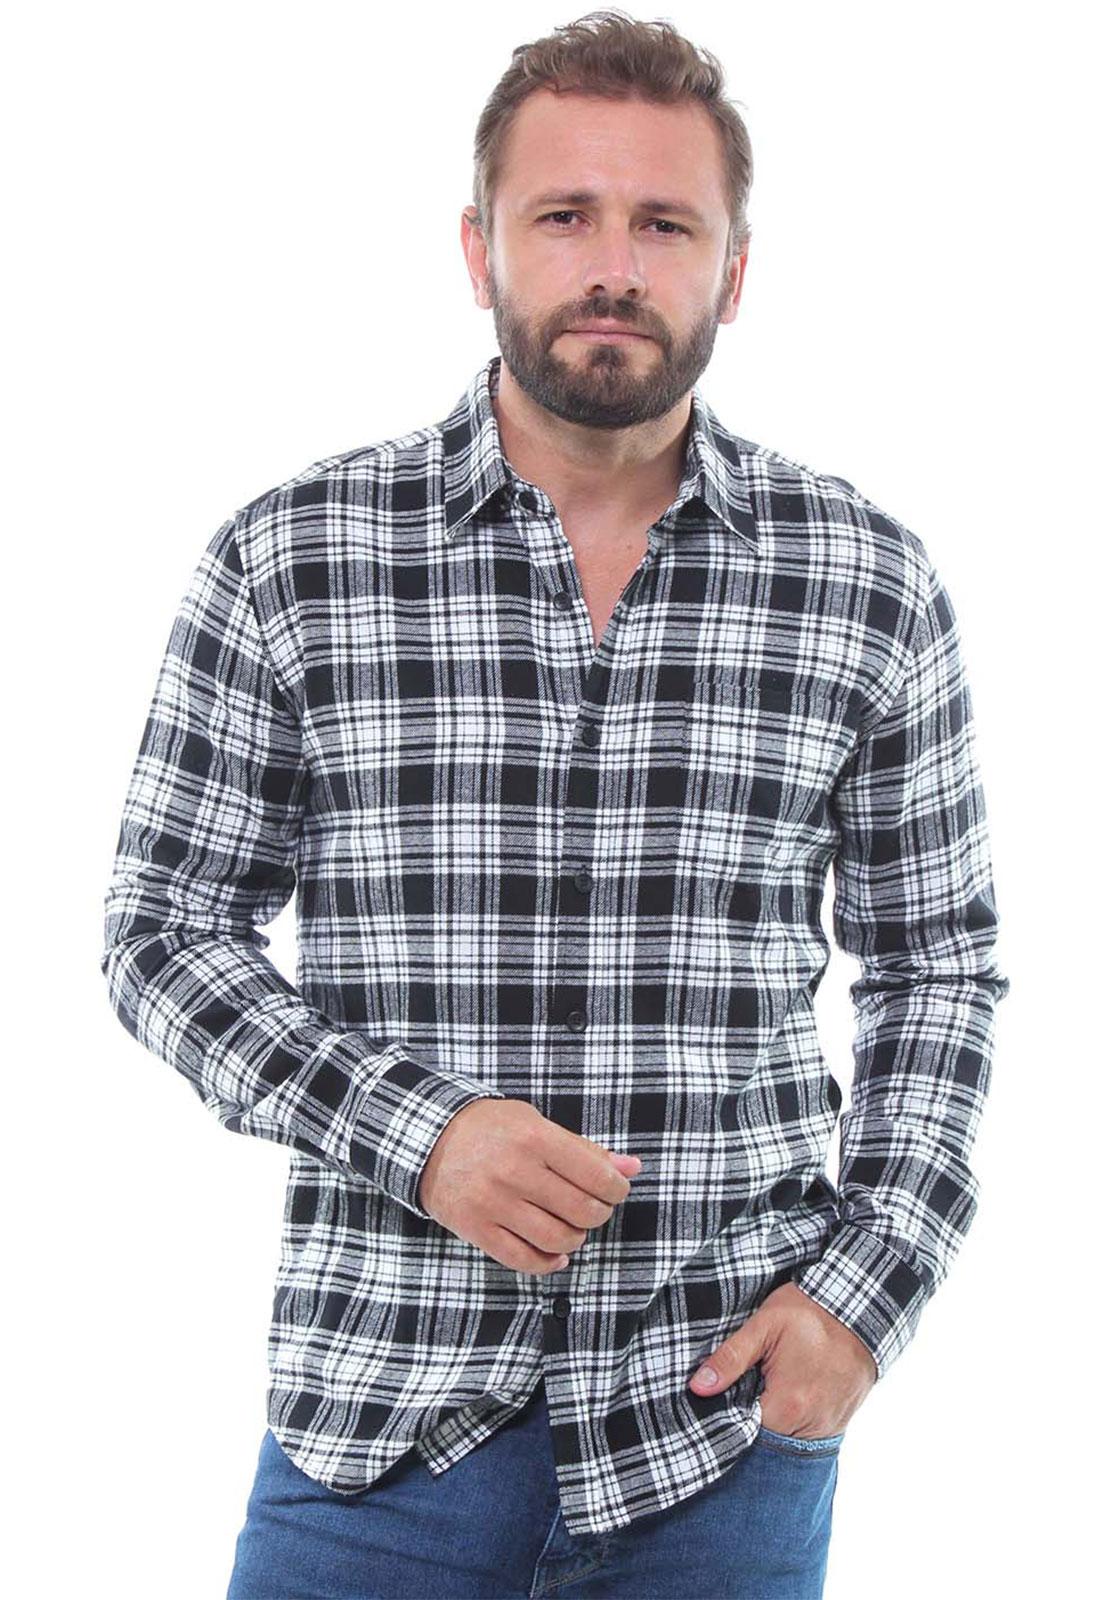 Camisa Masculina Manga Longa Xadrez Estonada Crocker - 47398  - CROCKER JEANS